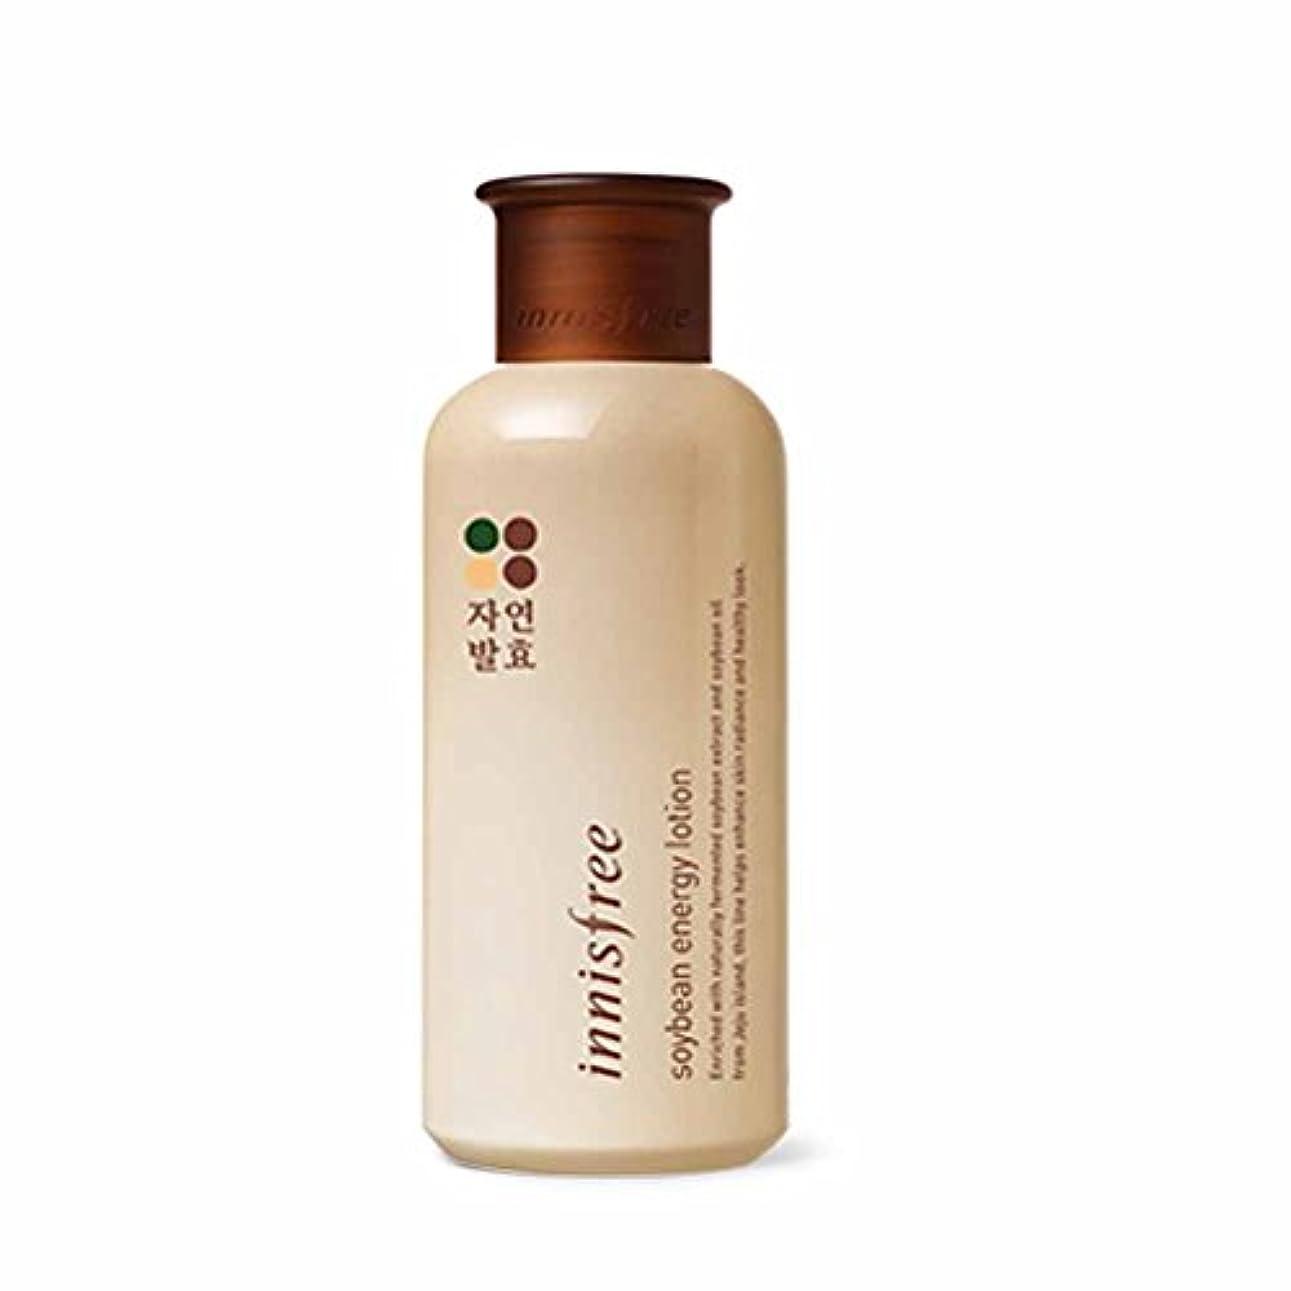 ピジン臨検四半期イニスフリーソイビーンエナジースキン(トナー)200ml / Innisfree Soybean Energy Skin(Toner) 200ml[海外直送品][並行輸入品]